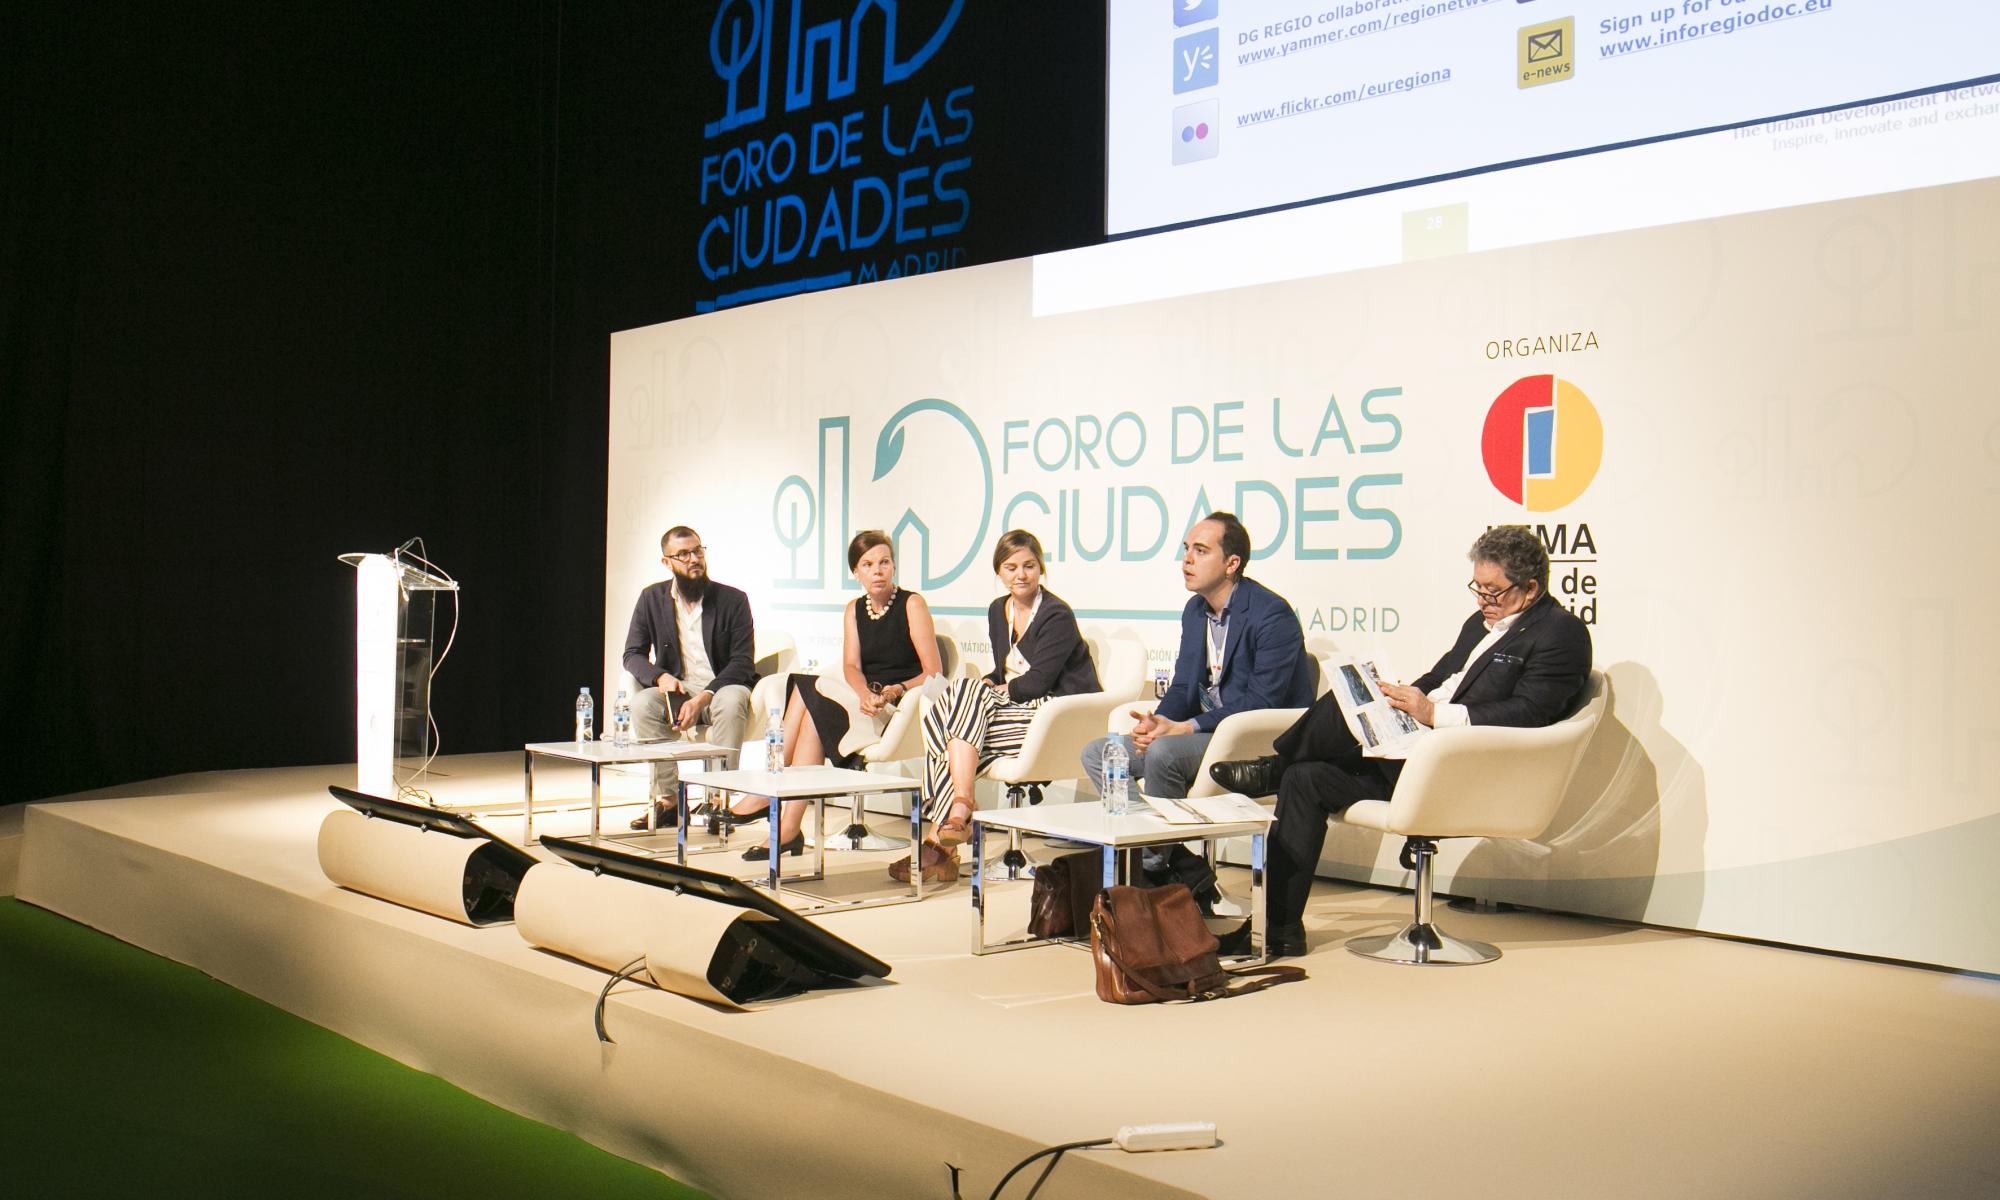 Imagen del Foro de las Ciudades de Madrid 2018 celebrado en Ifema